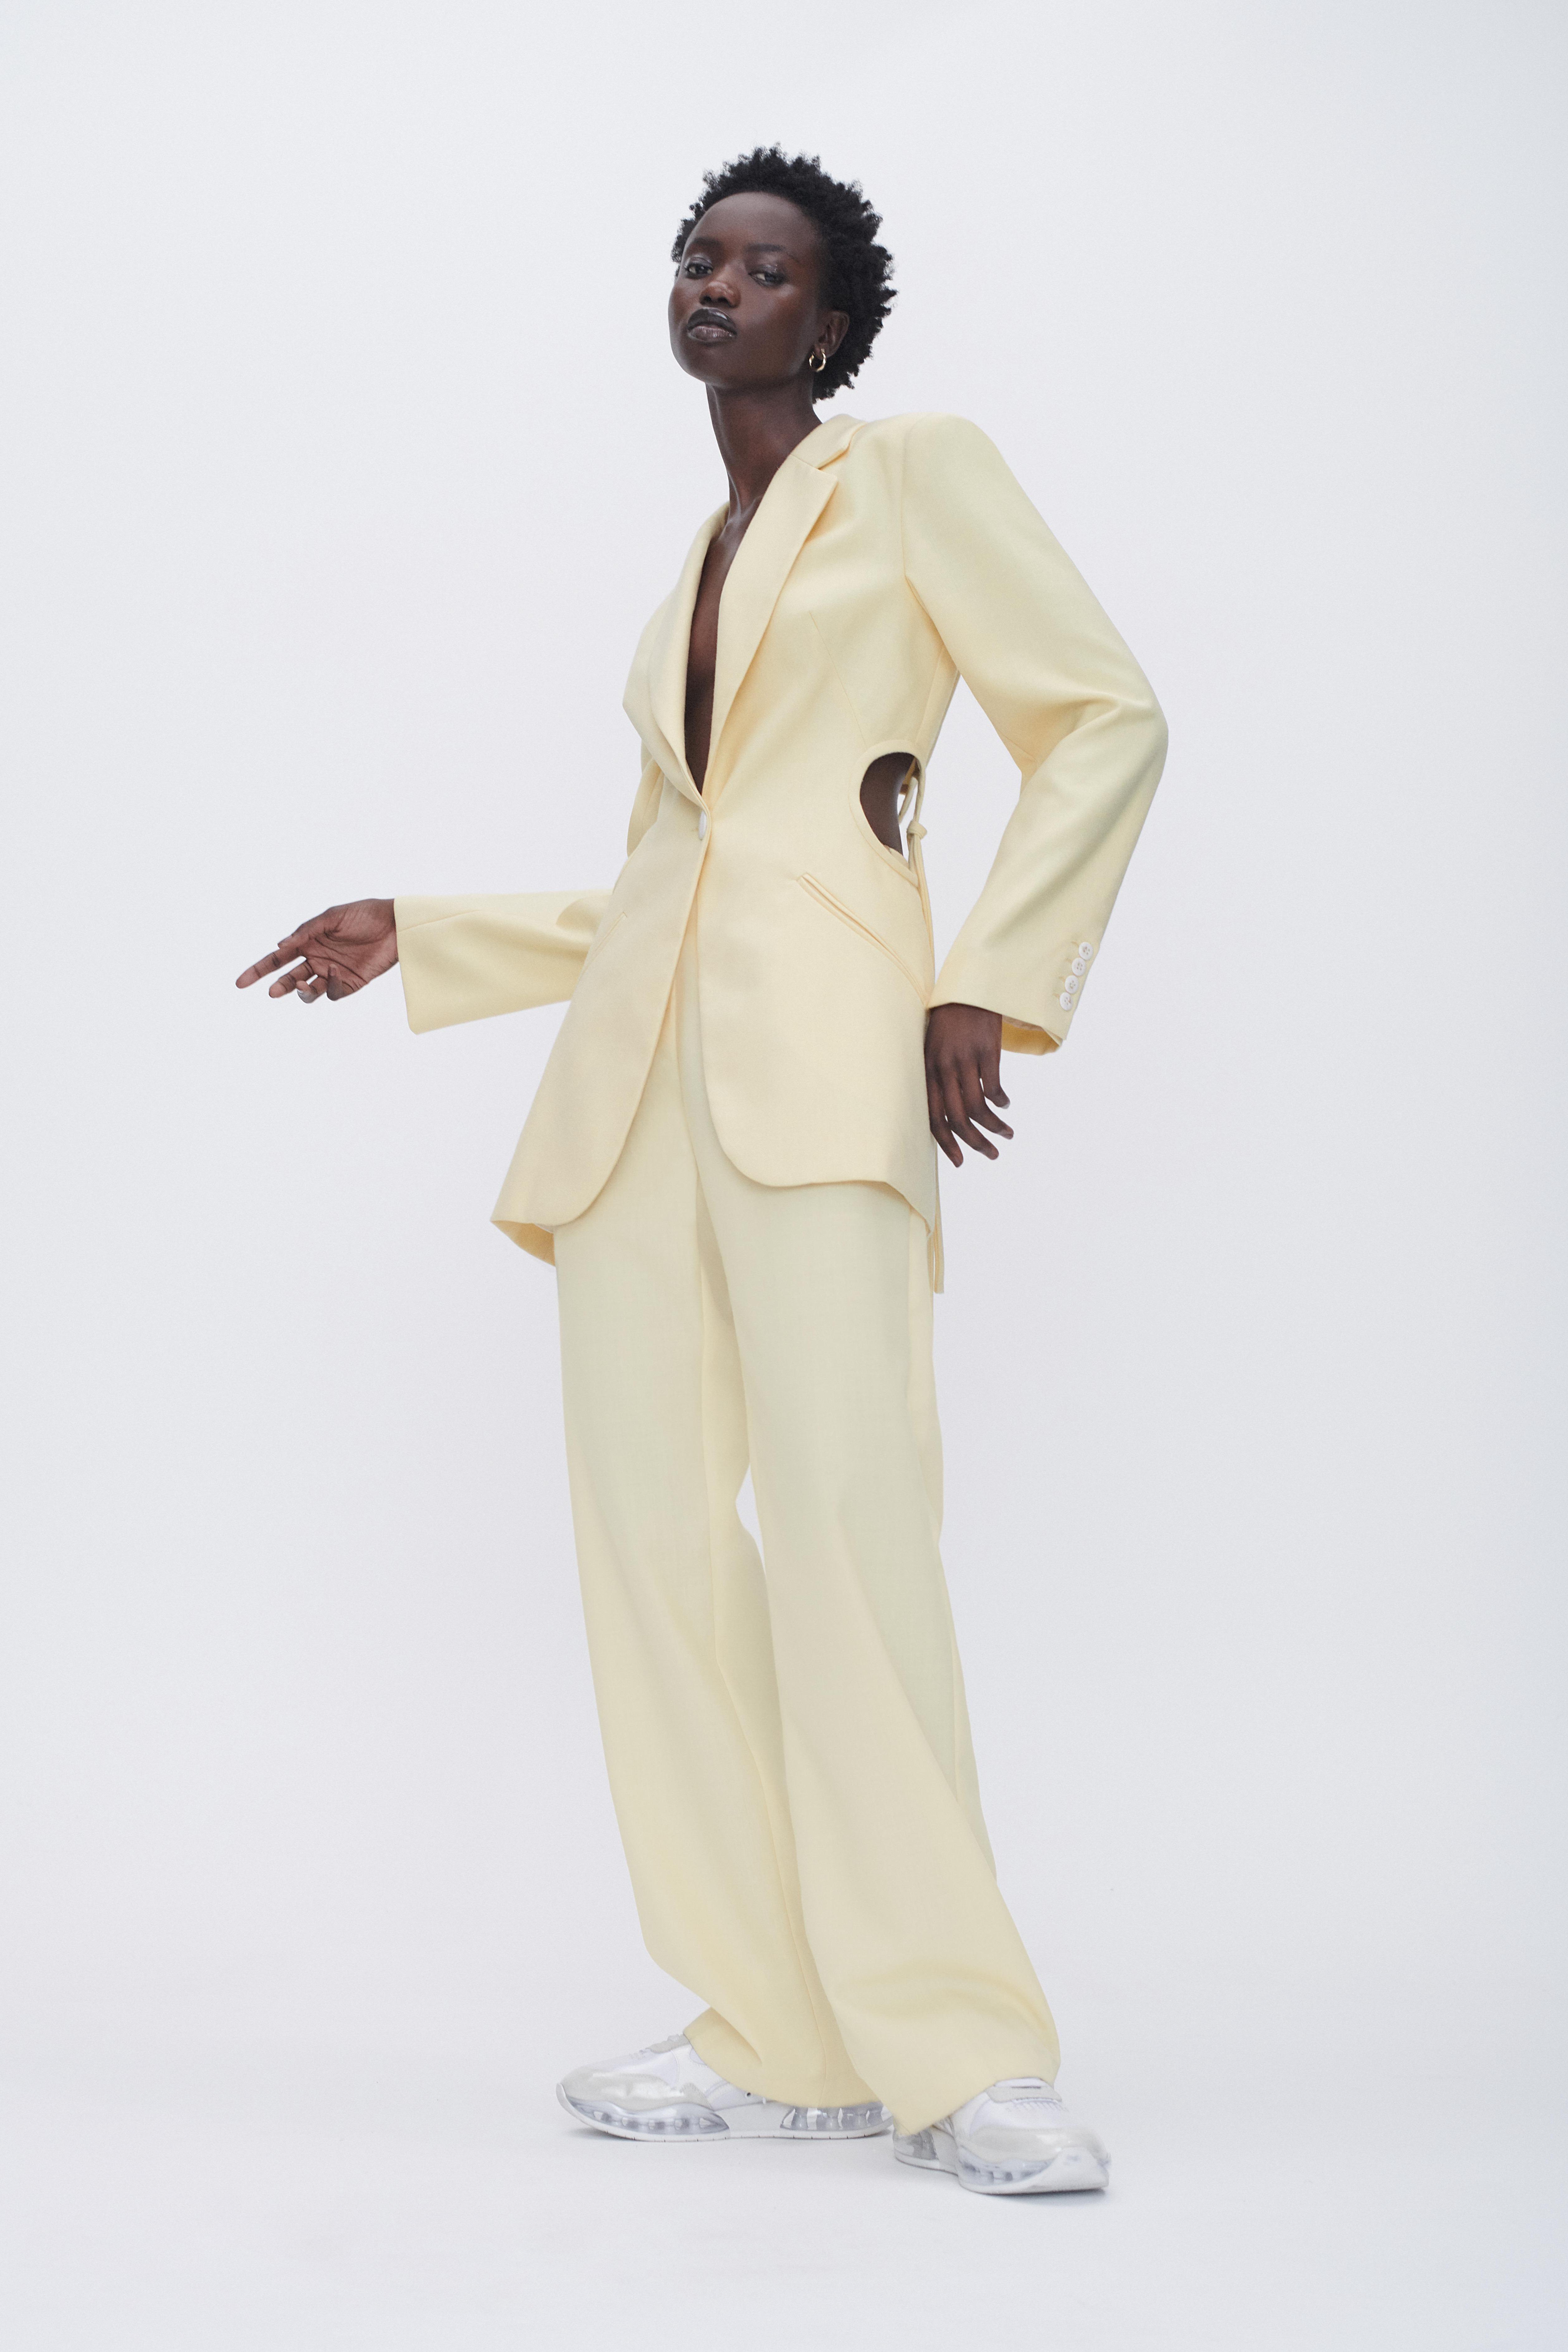 Agi Akur for Harper's Bazaar Australia | Pride Models news